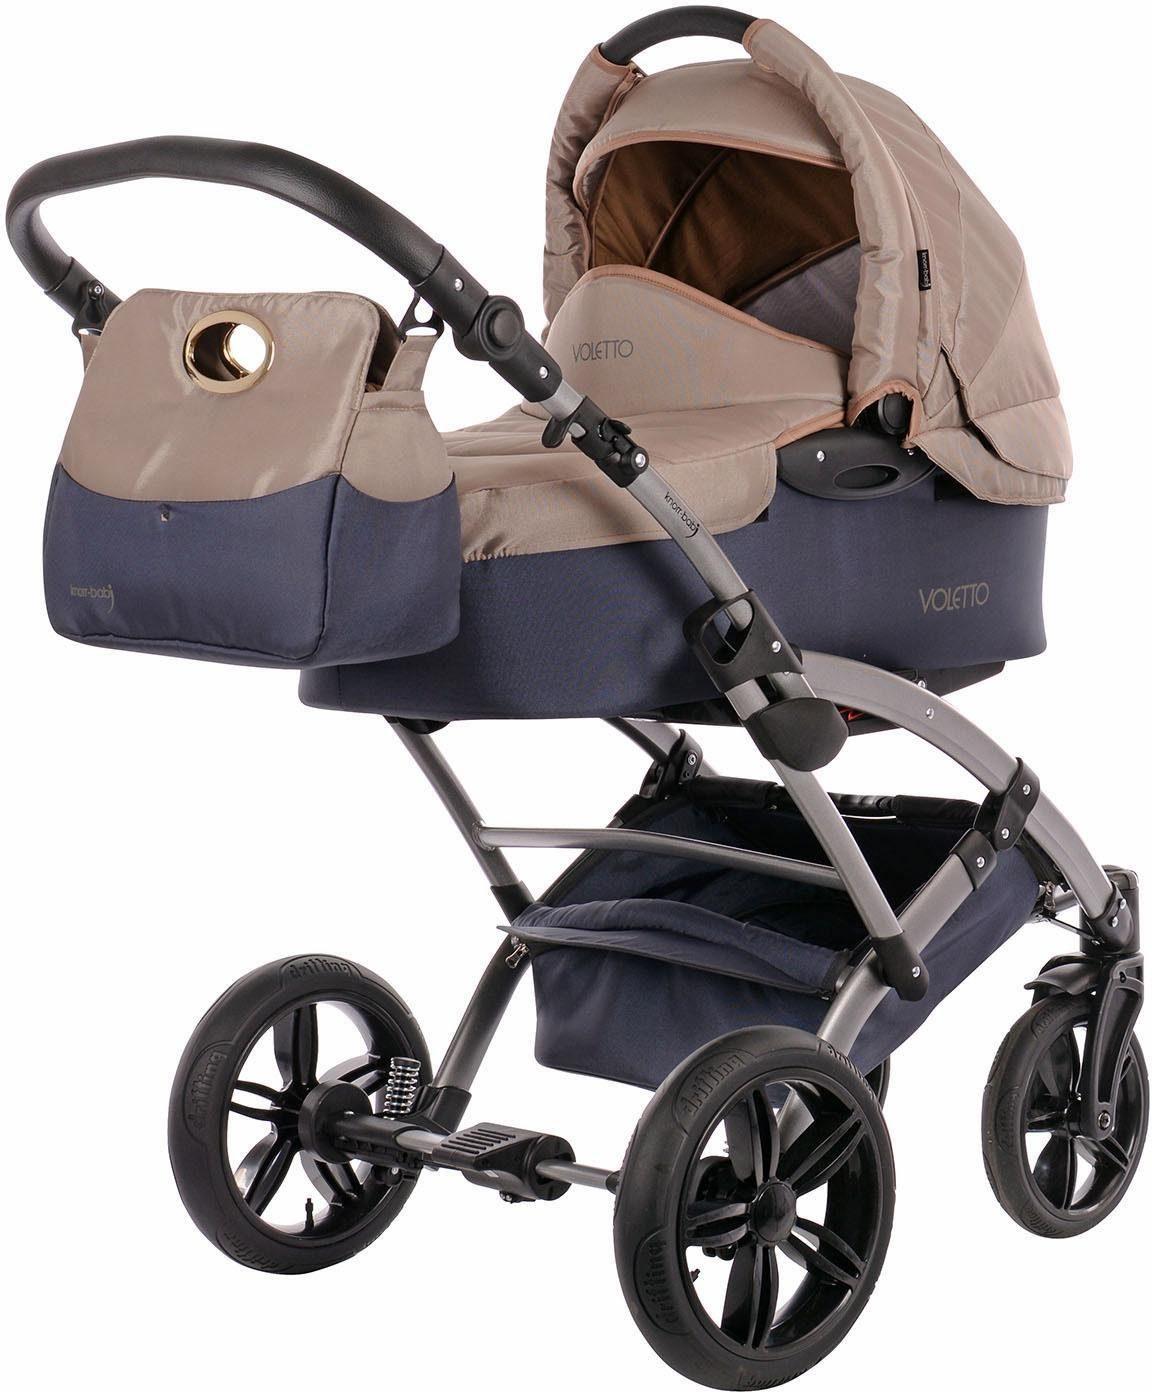 knorr-baby Kombi Kinderwagen Set, »Voletto Sport, grau-sand«